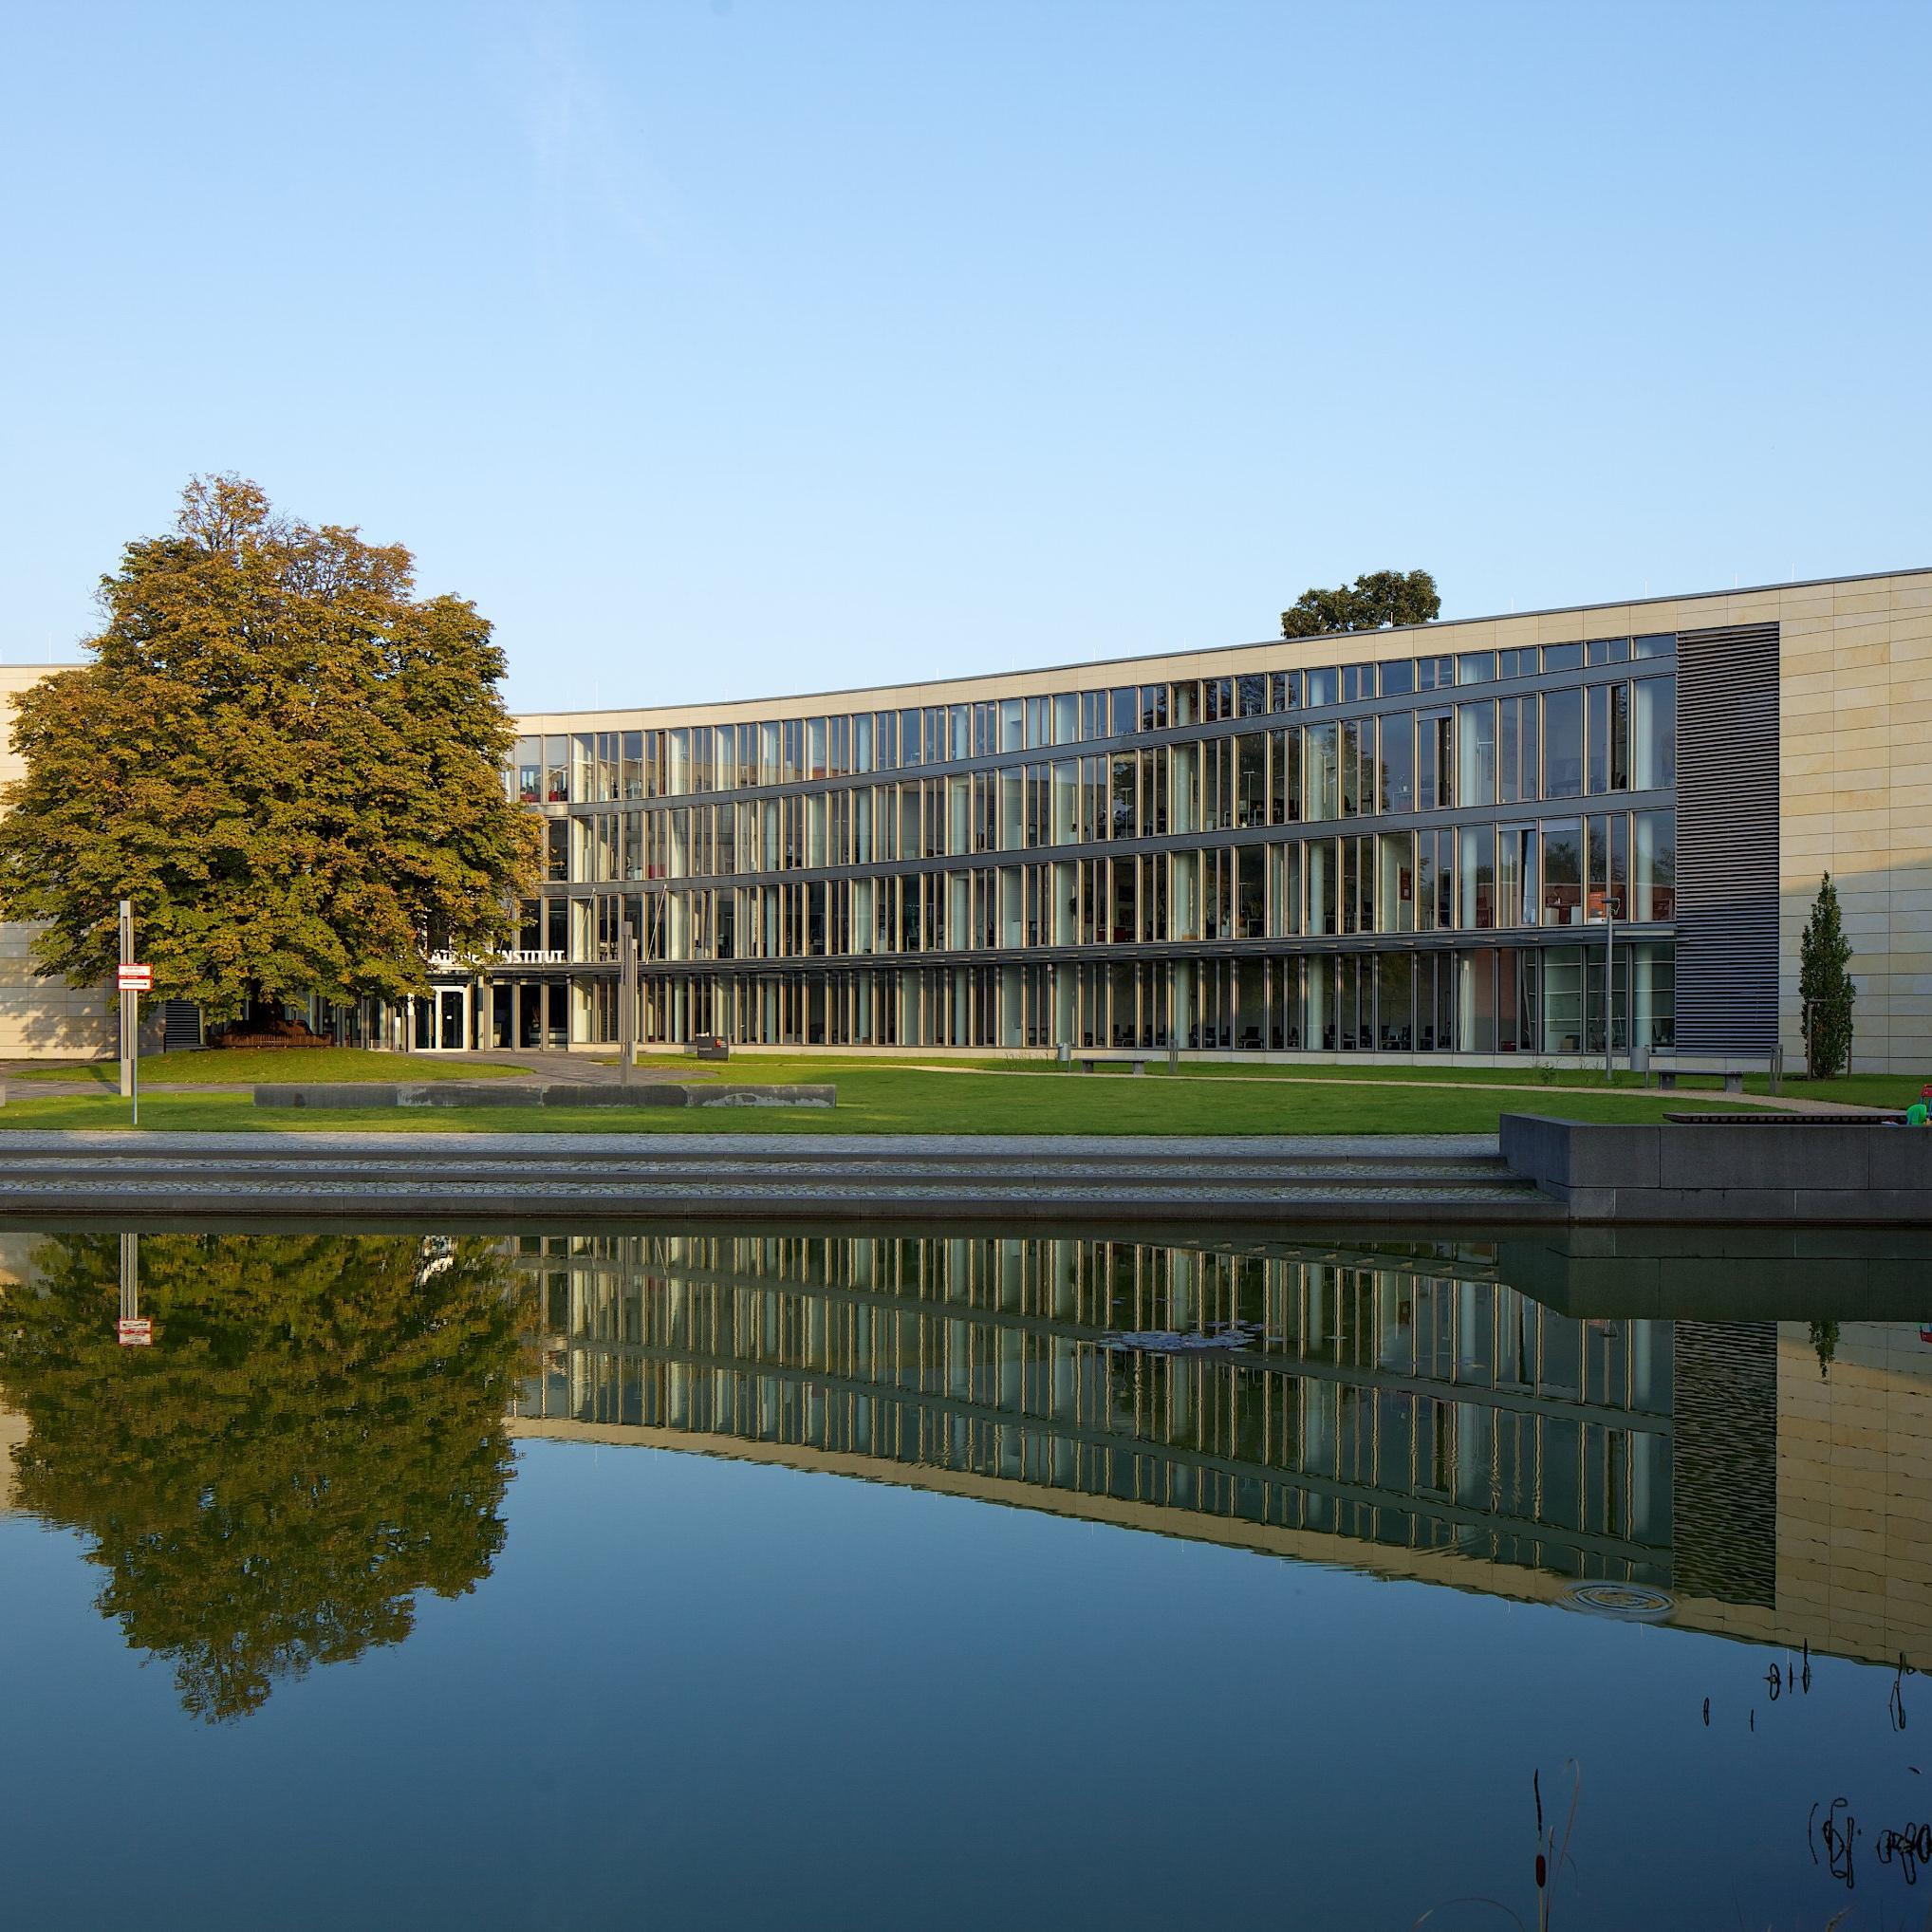 Hasso Plattner Institute